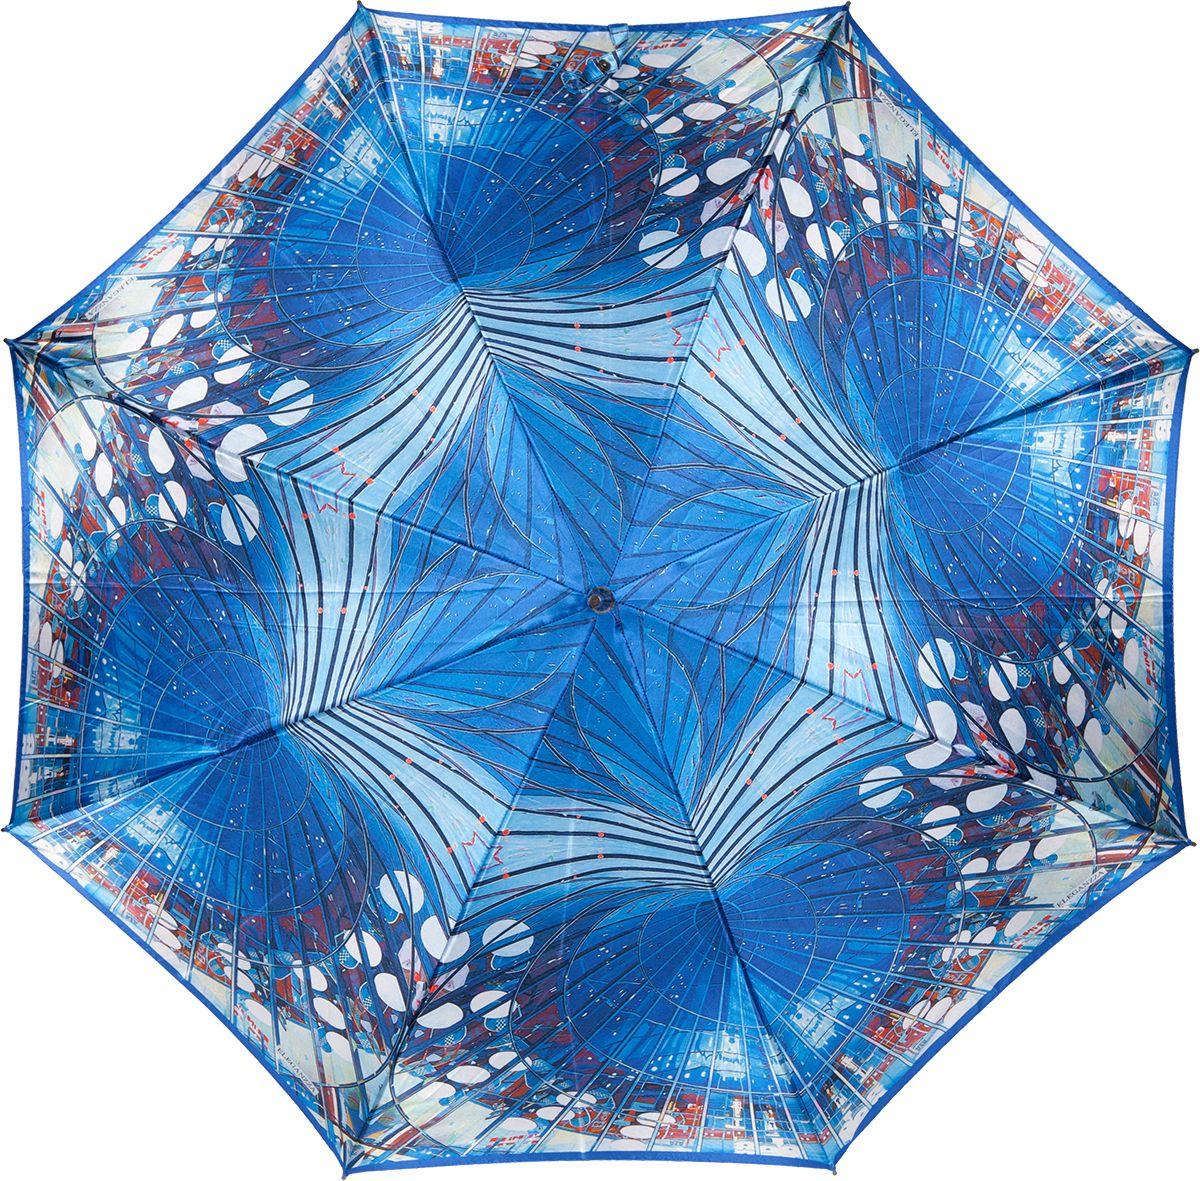 Зонт-трость женский Eleganzza, цвет: синий. T-06-0327Колье (короткие одноярусные бусы)Женский зонт-трость торговой марки ELEGANZZA. Материал купола 100% полиэстер, сатин. Материал каркаса: сталь + фибергласс. Материал ручки: акрил. Длина изделия - 89 см. Диаметр купола - 105 см.